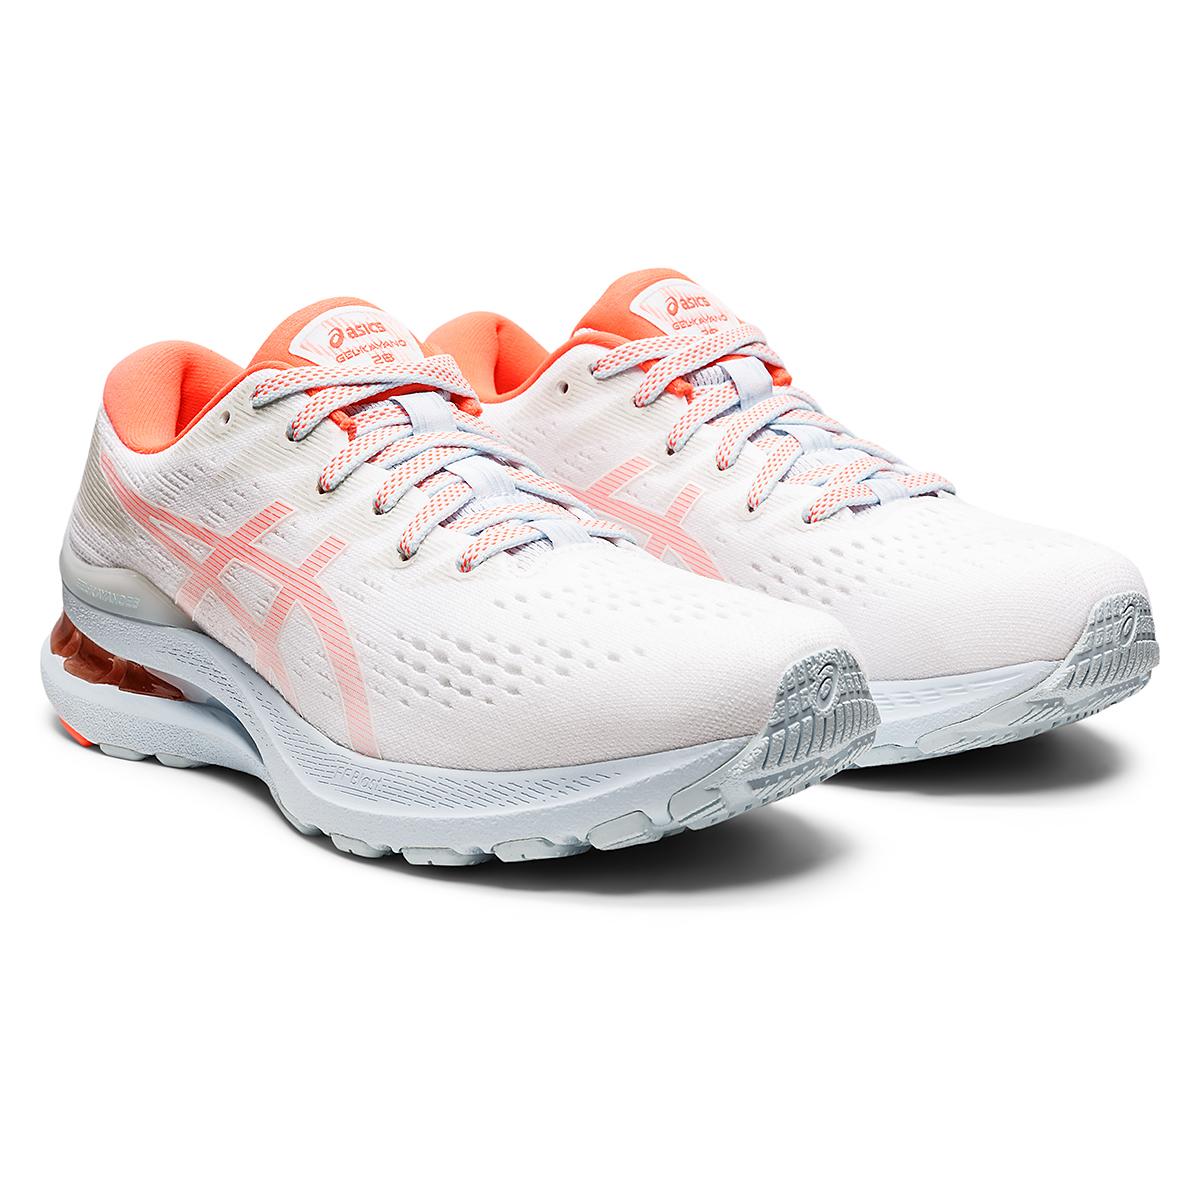 Women's Asics Gel-Kayano 28 Running Shoe, , large, image 3